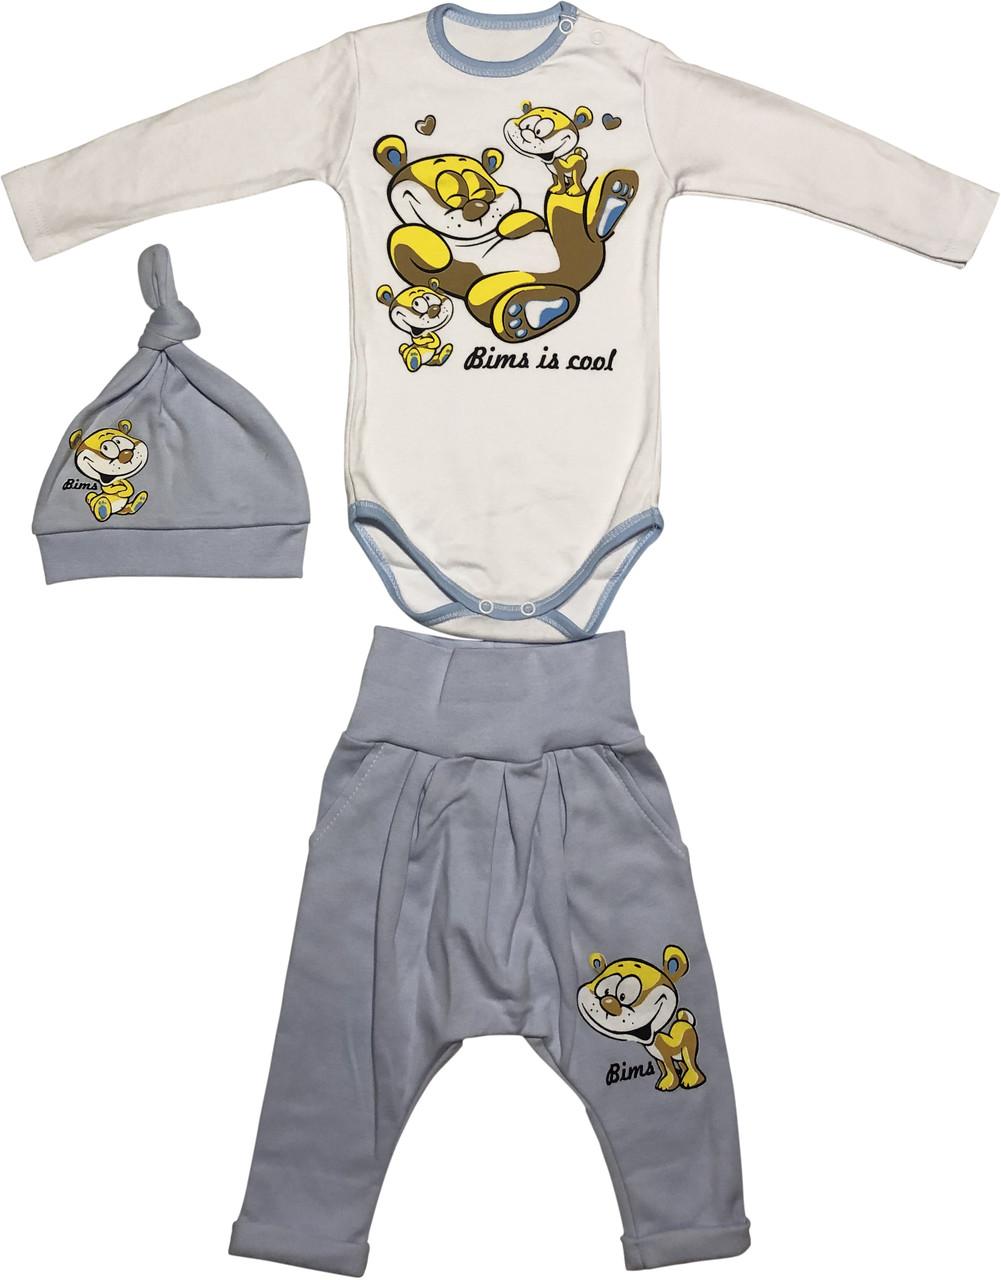 Теплий костюм з начосом на хлопчика ріст 62 2-3 міс для новонароджених комплект дитячий трикотажний блакитний